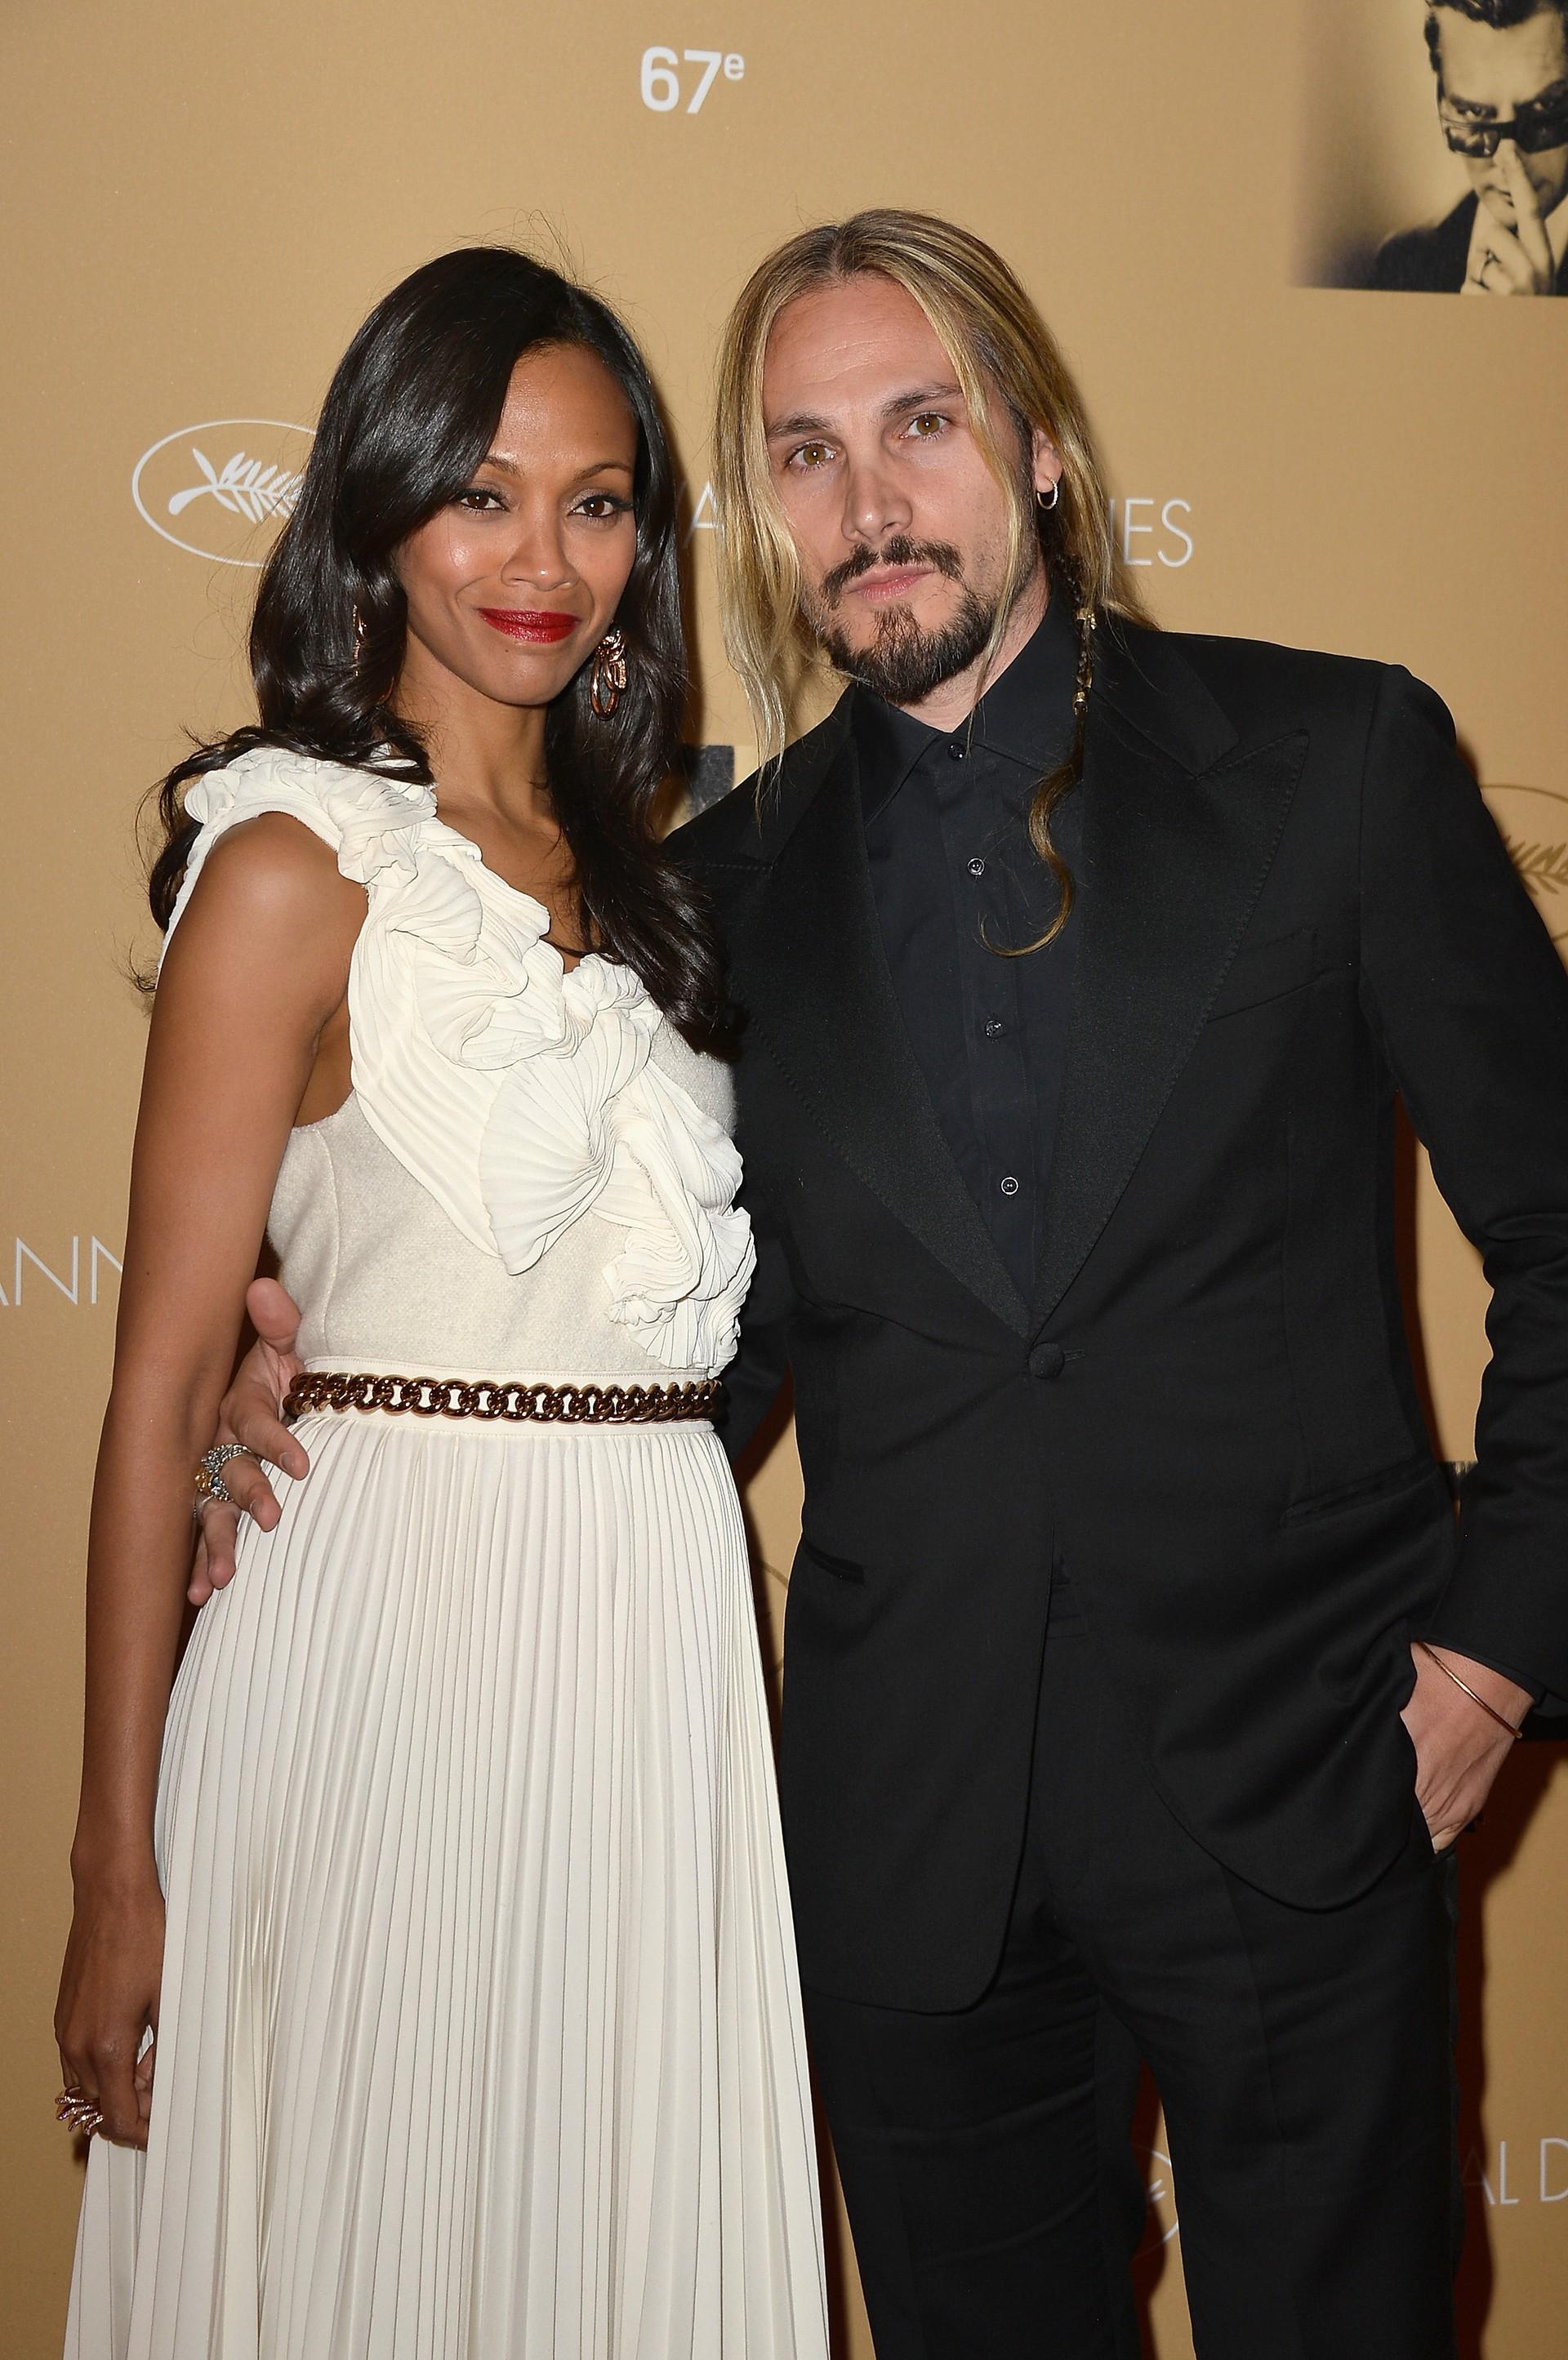 A atriz de 'Avatar' (2009) casou-se com o artista italiano Marco Perego secretamente em Junho de 2013, em Londres. A cerimônia foi fechada para alguns amigos e família. (Foto: Getty Images)